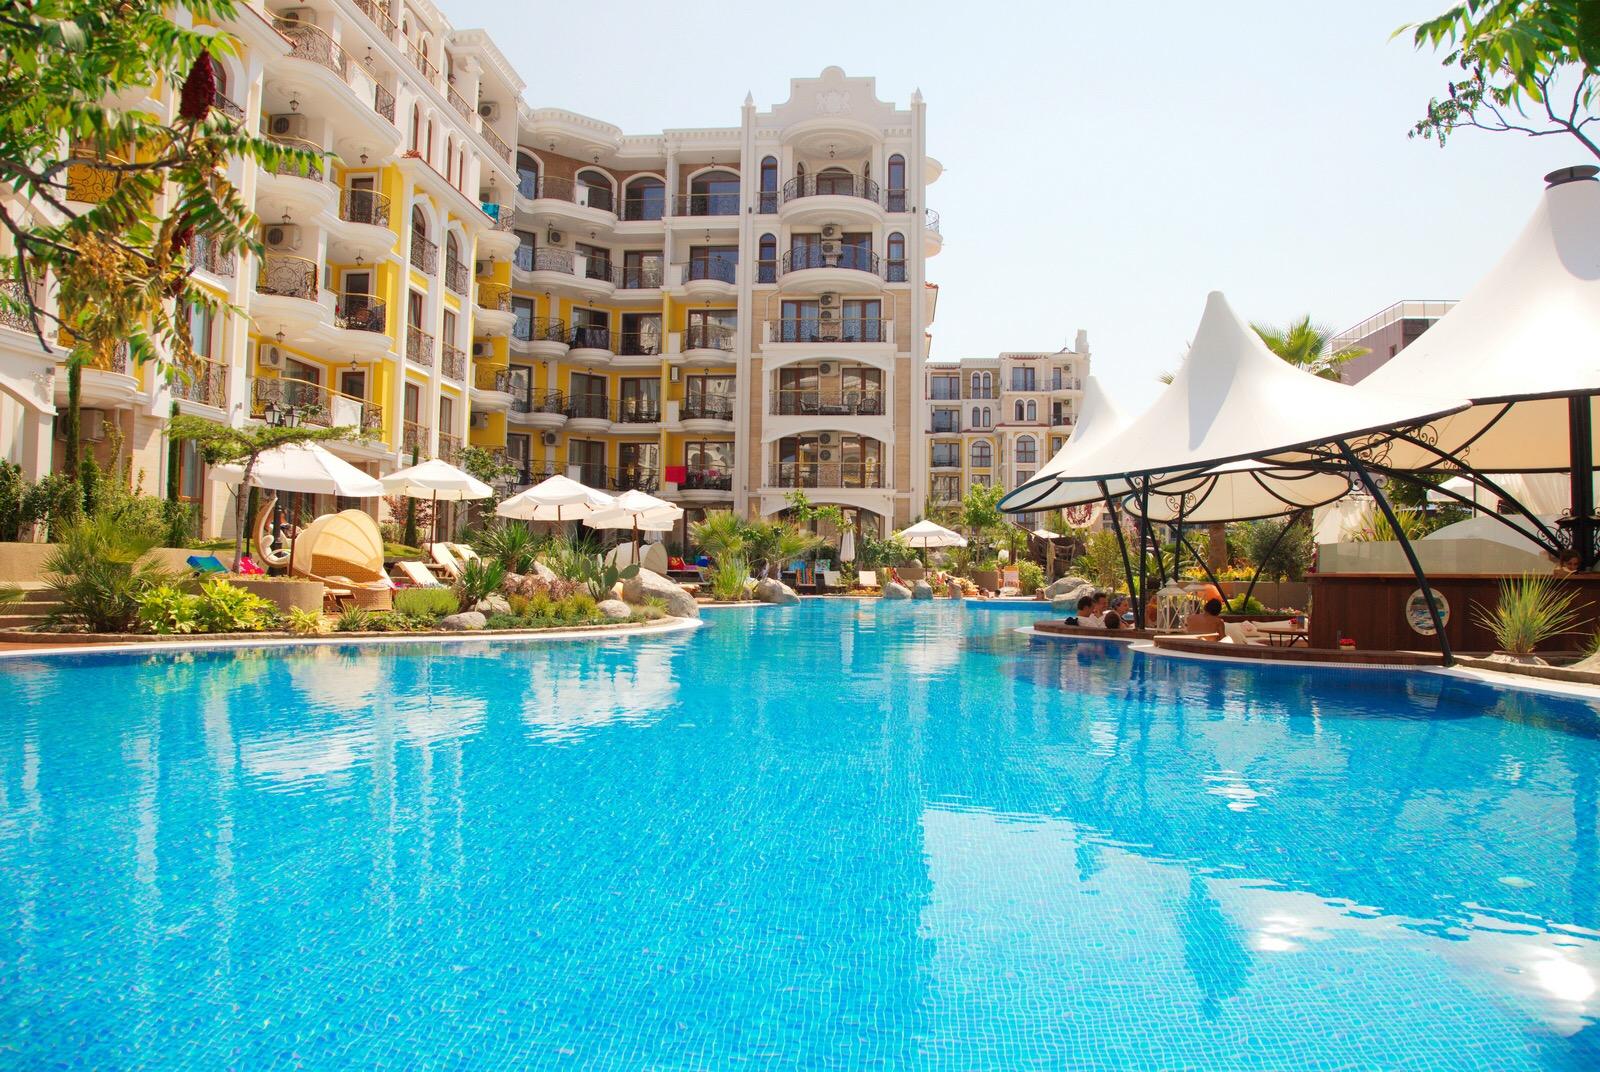 Продается шикарная квартира общей площадью 53,63 кв. м совместно с балконом площадью 24,69 кв. м, которая располагается в теплой Болгарии, на одном из самых живописных и популярных морских курортов - Солнечный берег